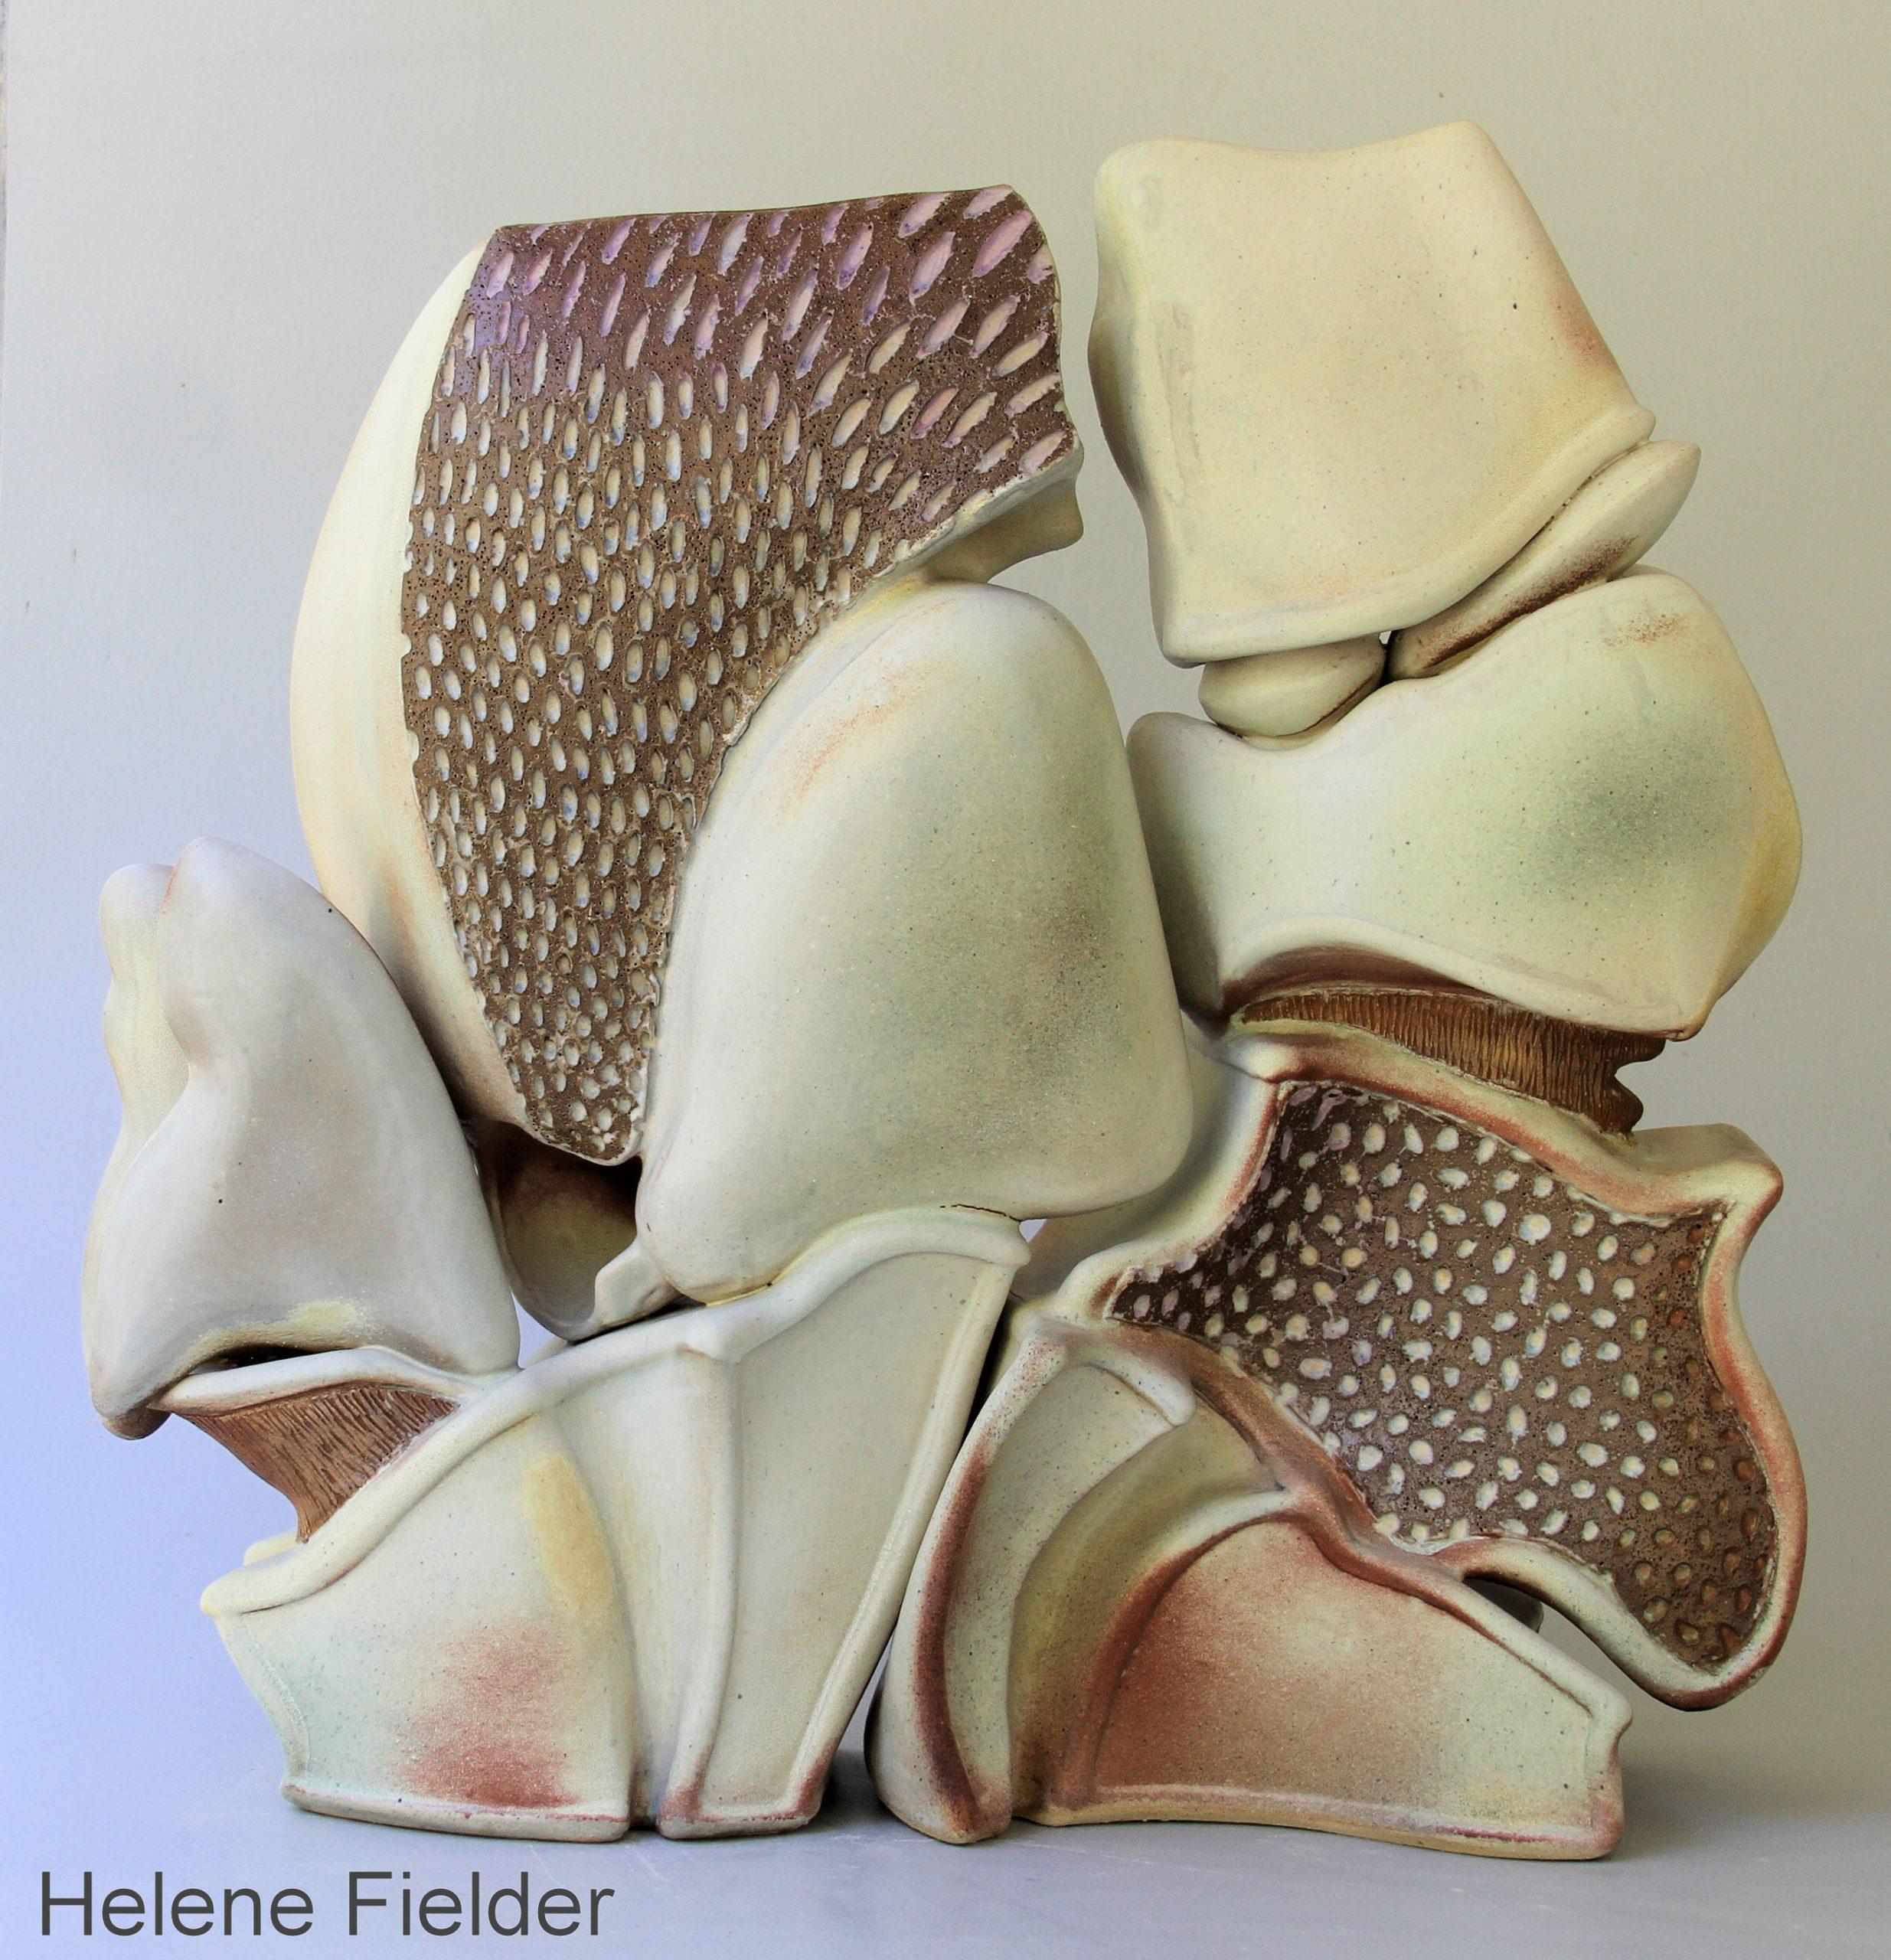 Coconut Crab by Helene Fielder